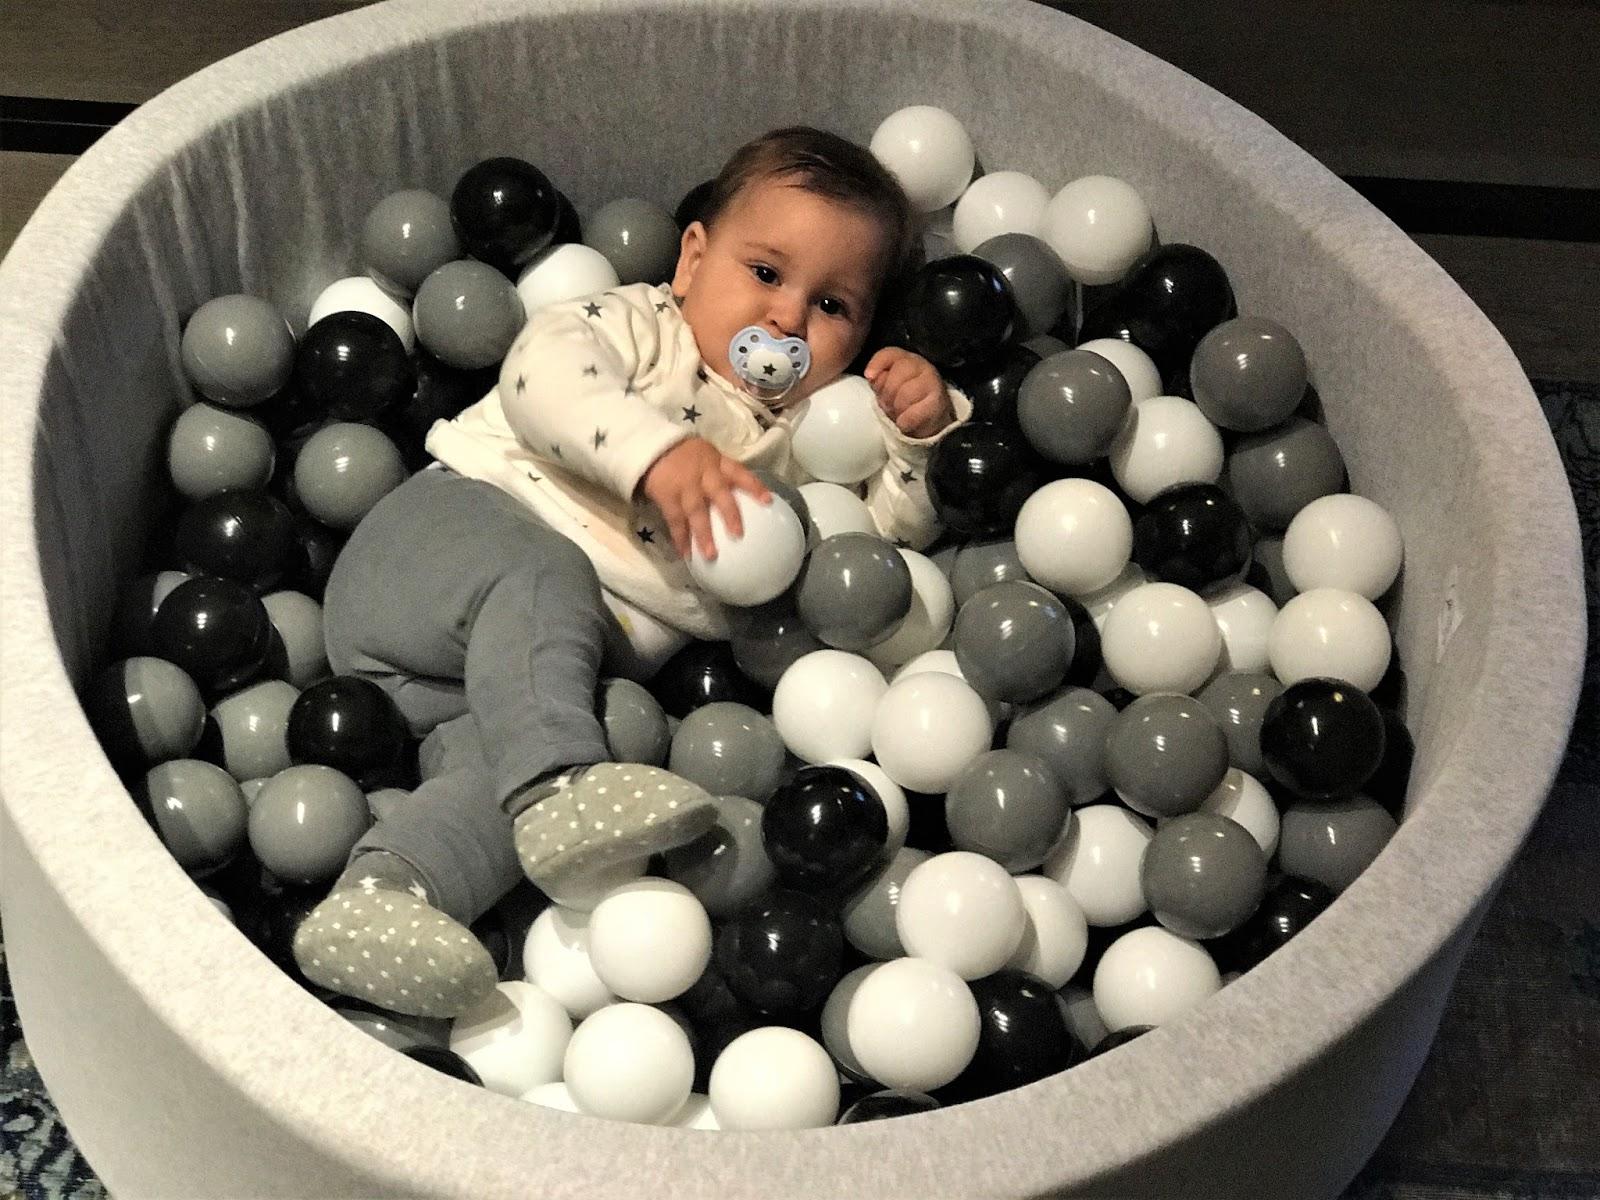 Soy una mama molona piscina de bolas de minibe for Piscina bolas minibe